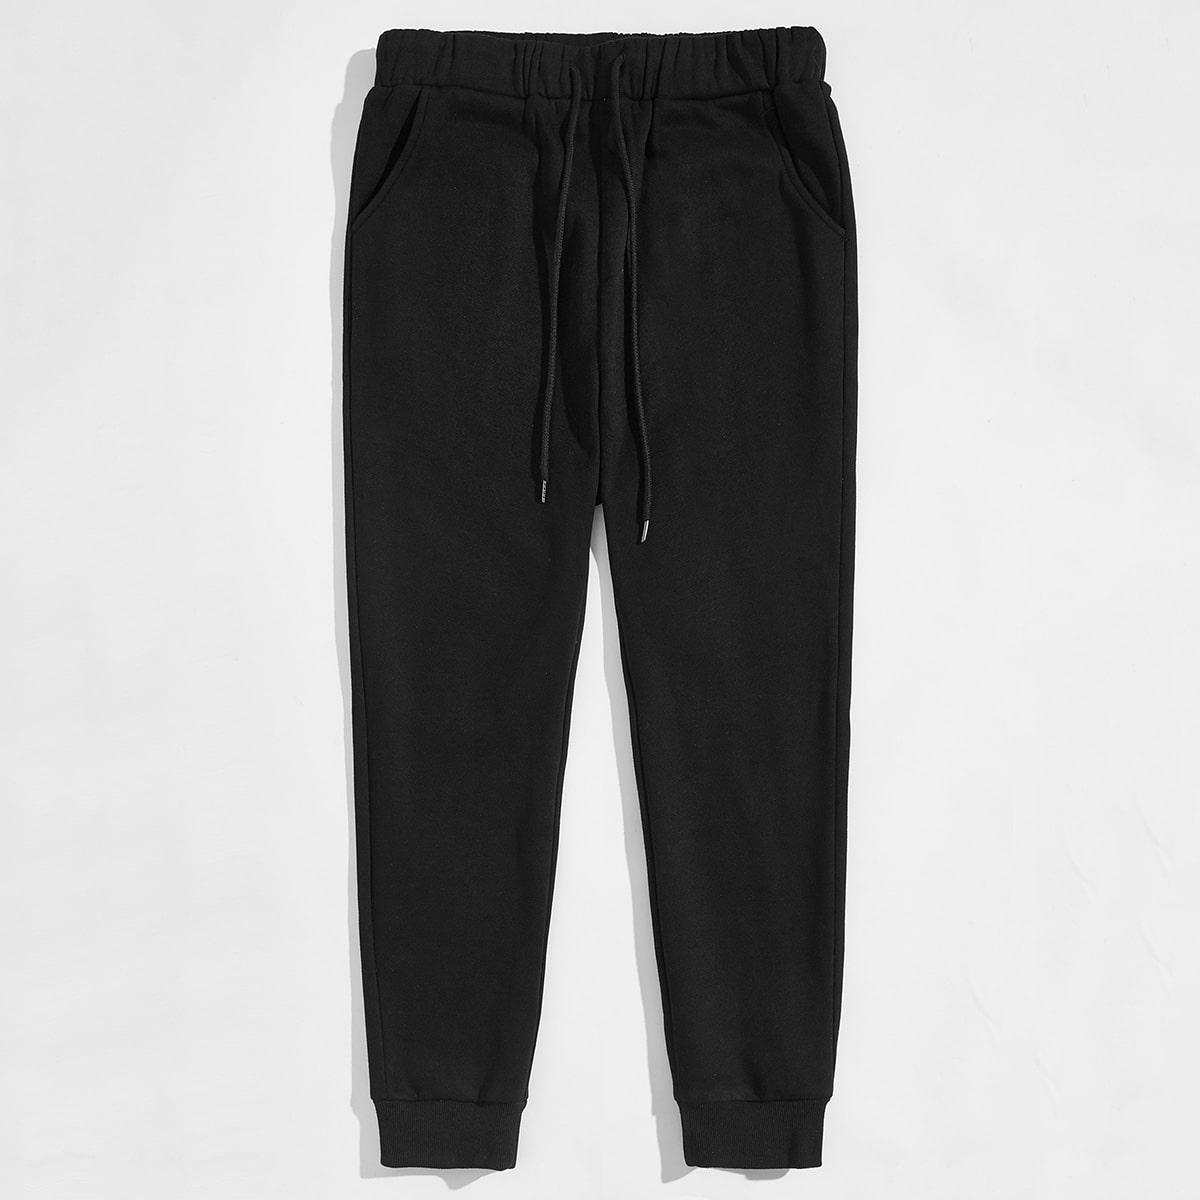 Мужские спортивные брюки на кулиске с флисовой подкладкой